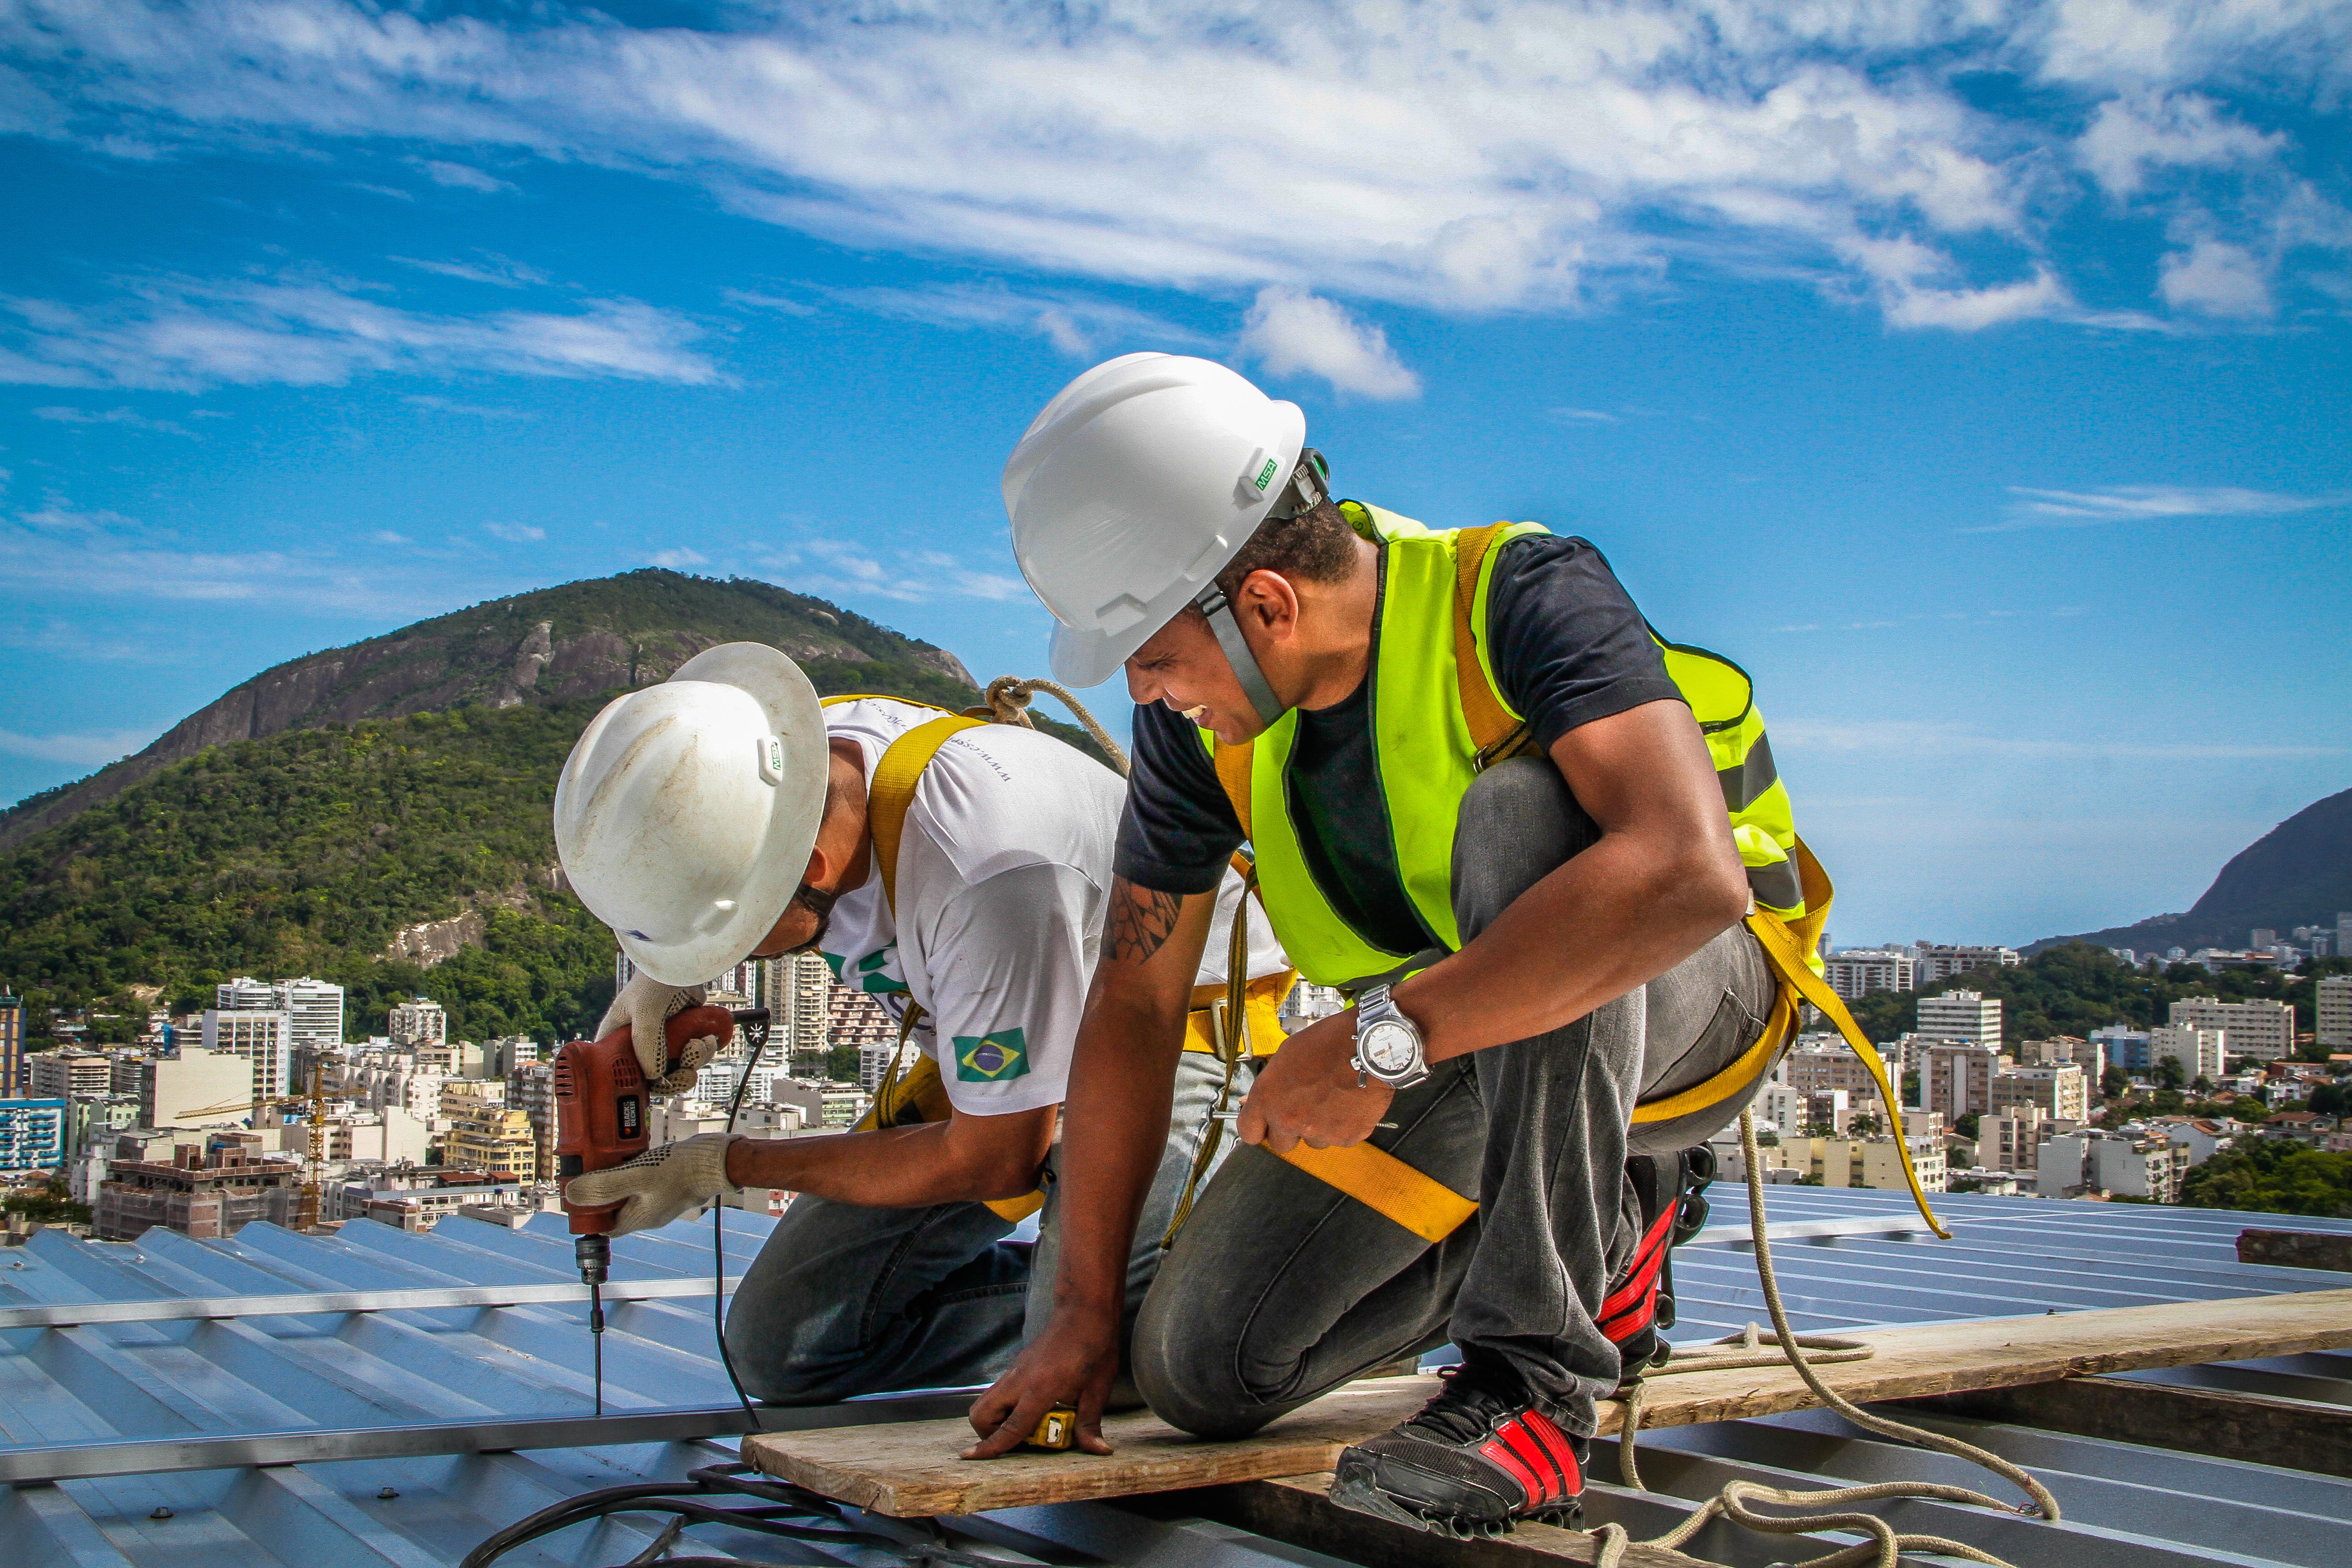 Facilidade e rapidez de instalação estão entre as vantagens dos paineis solares